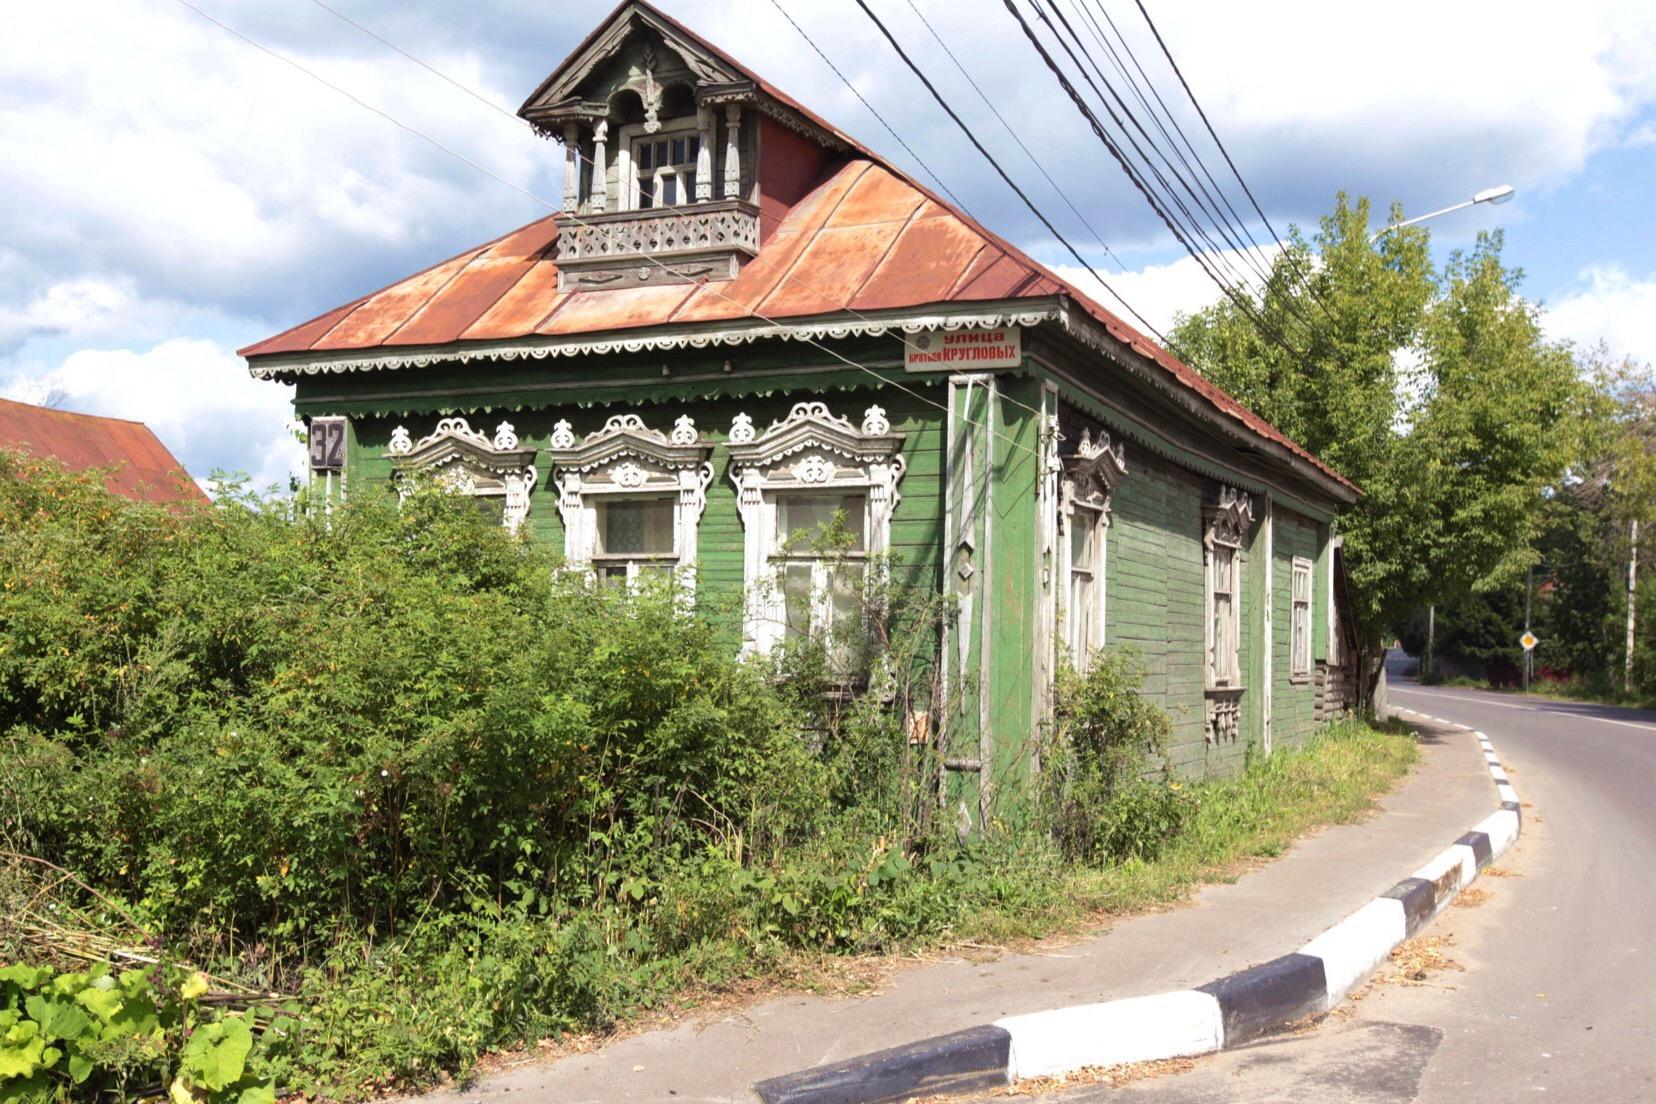 Деревянный дом с резными наличниками. Старая Купавна